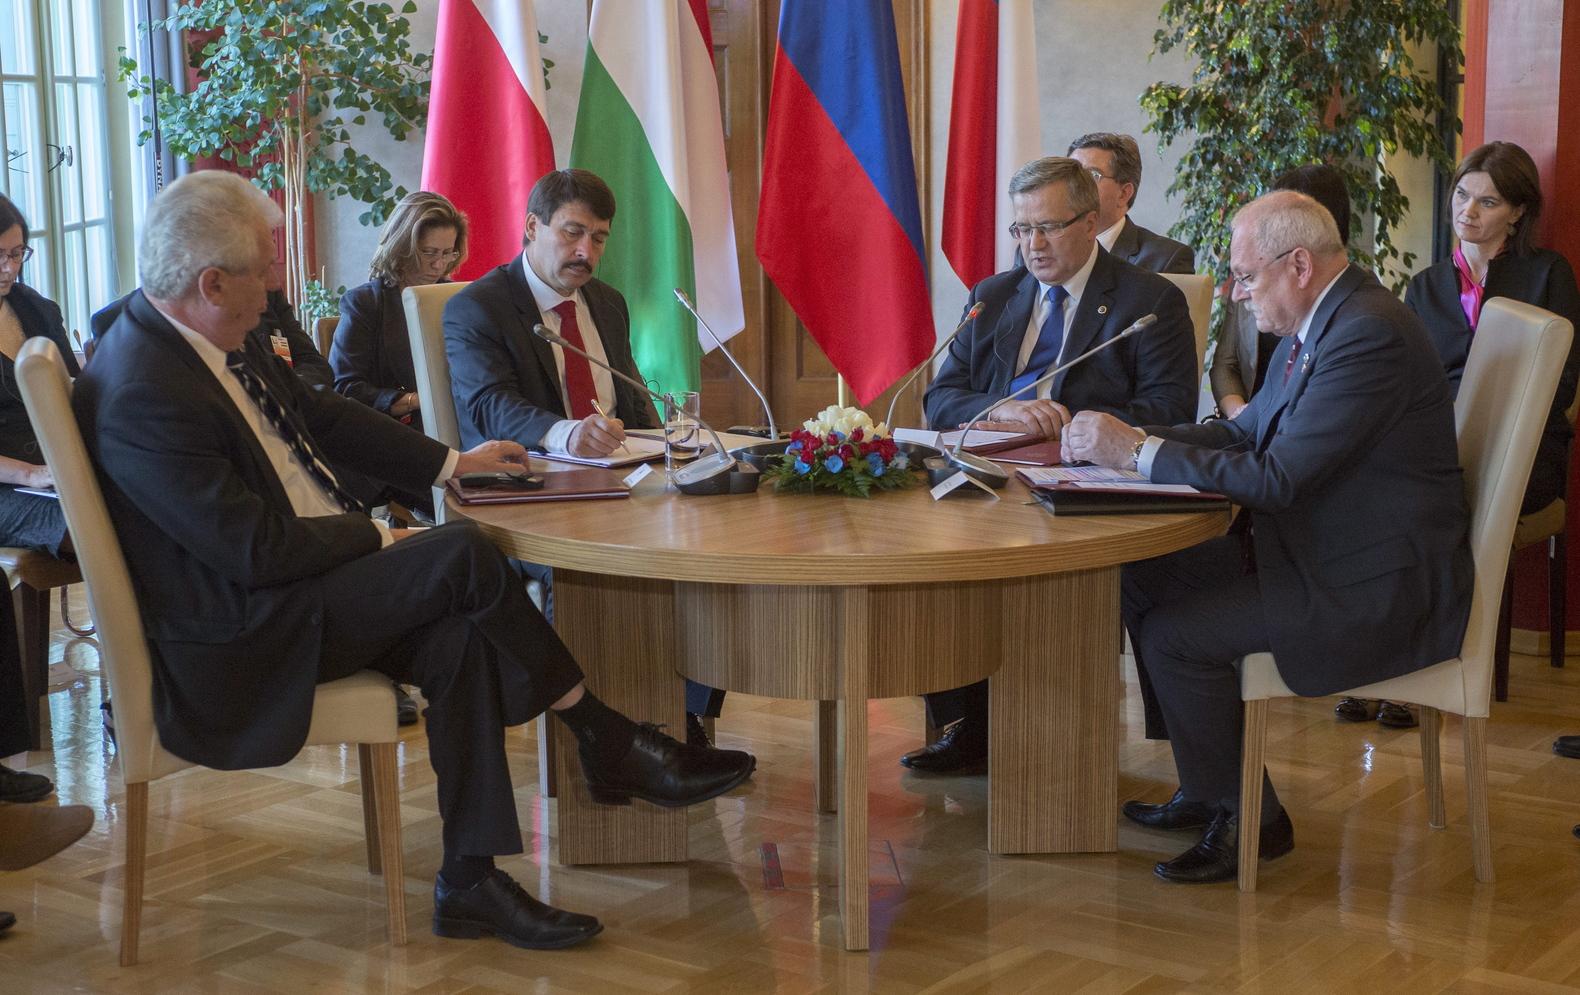 Wisla, 2013. július 2. Milos Zeman cseh, Áder János magyar, Bronislaw Komorowski lengyel és Ivan Gasparovic szlovák államfő (az asztalnál b-j) a visegrádi négyek kétnapos államfői találkozójának első napján a lengyelországi Wislában, az elnöki rezidencián 2013. július 2-án. MTI Fotó: Illyés Tibor